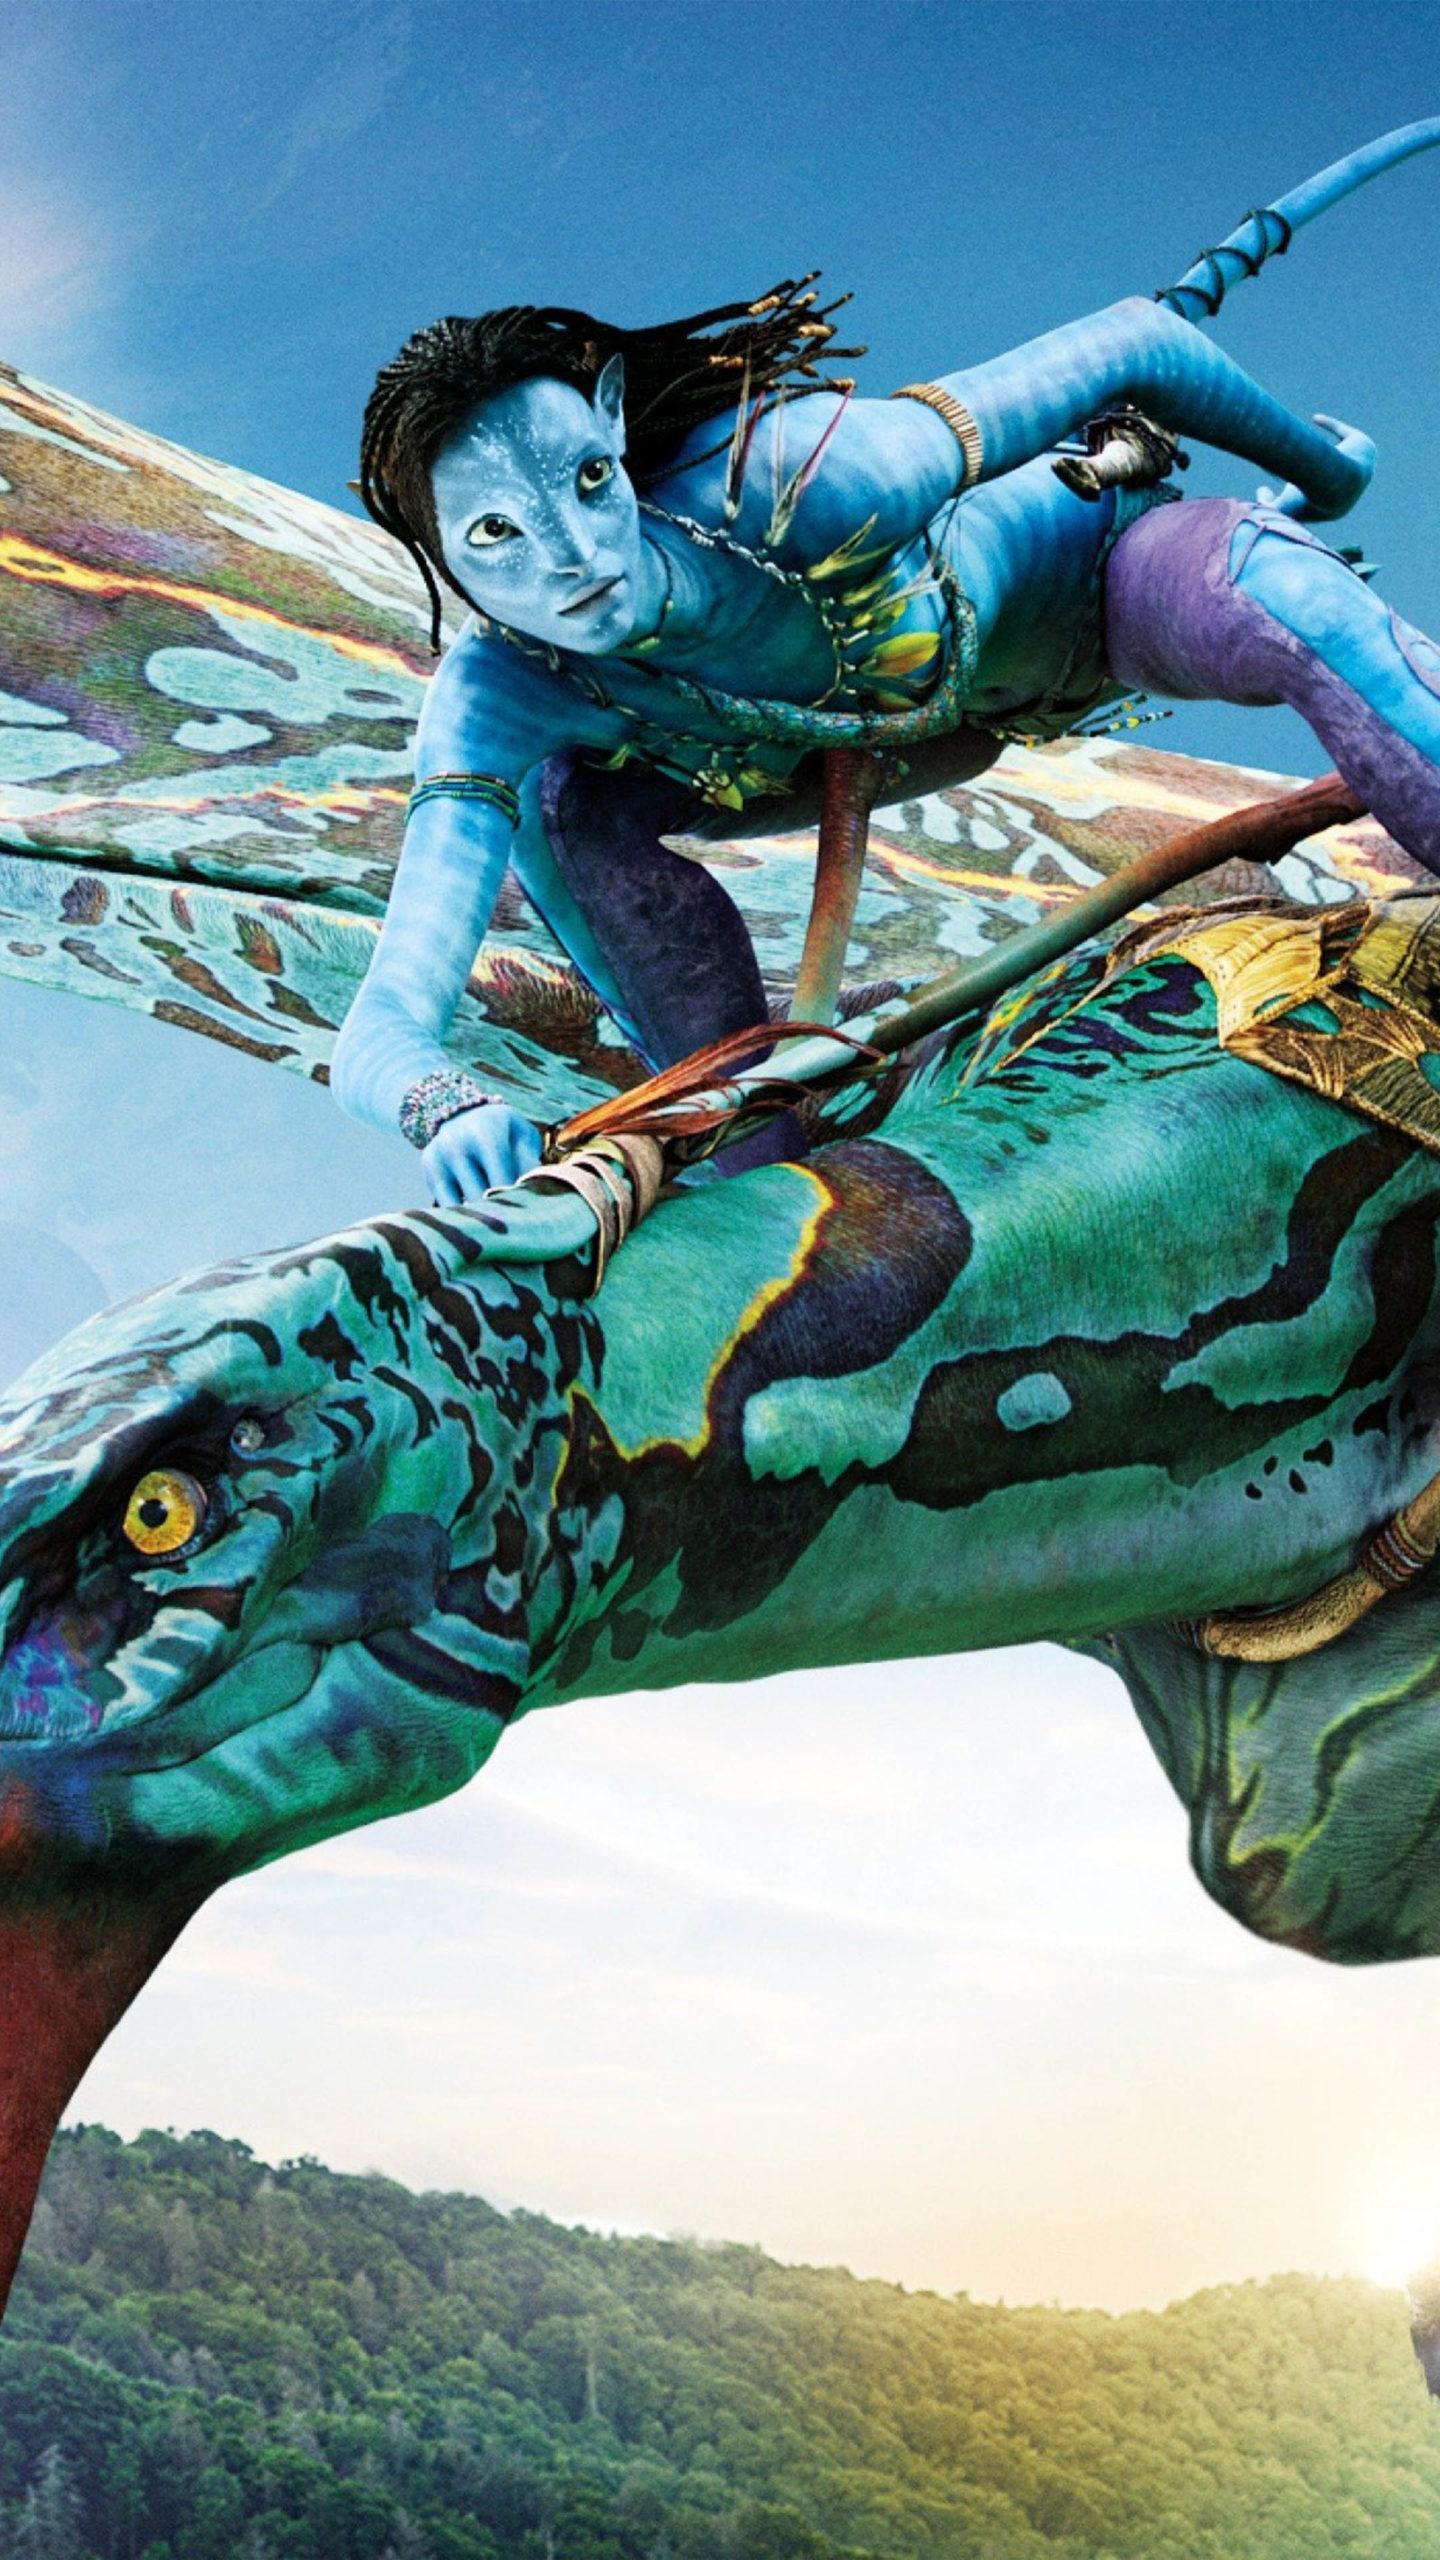 Avatar 2 4K Ultra HD Mobile Wallpaper